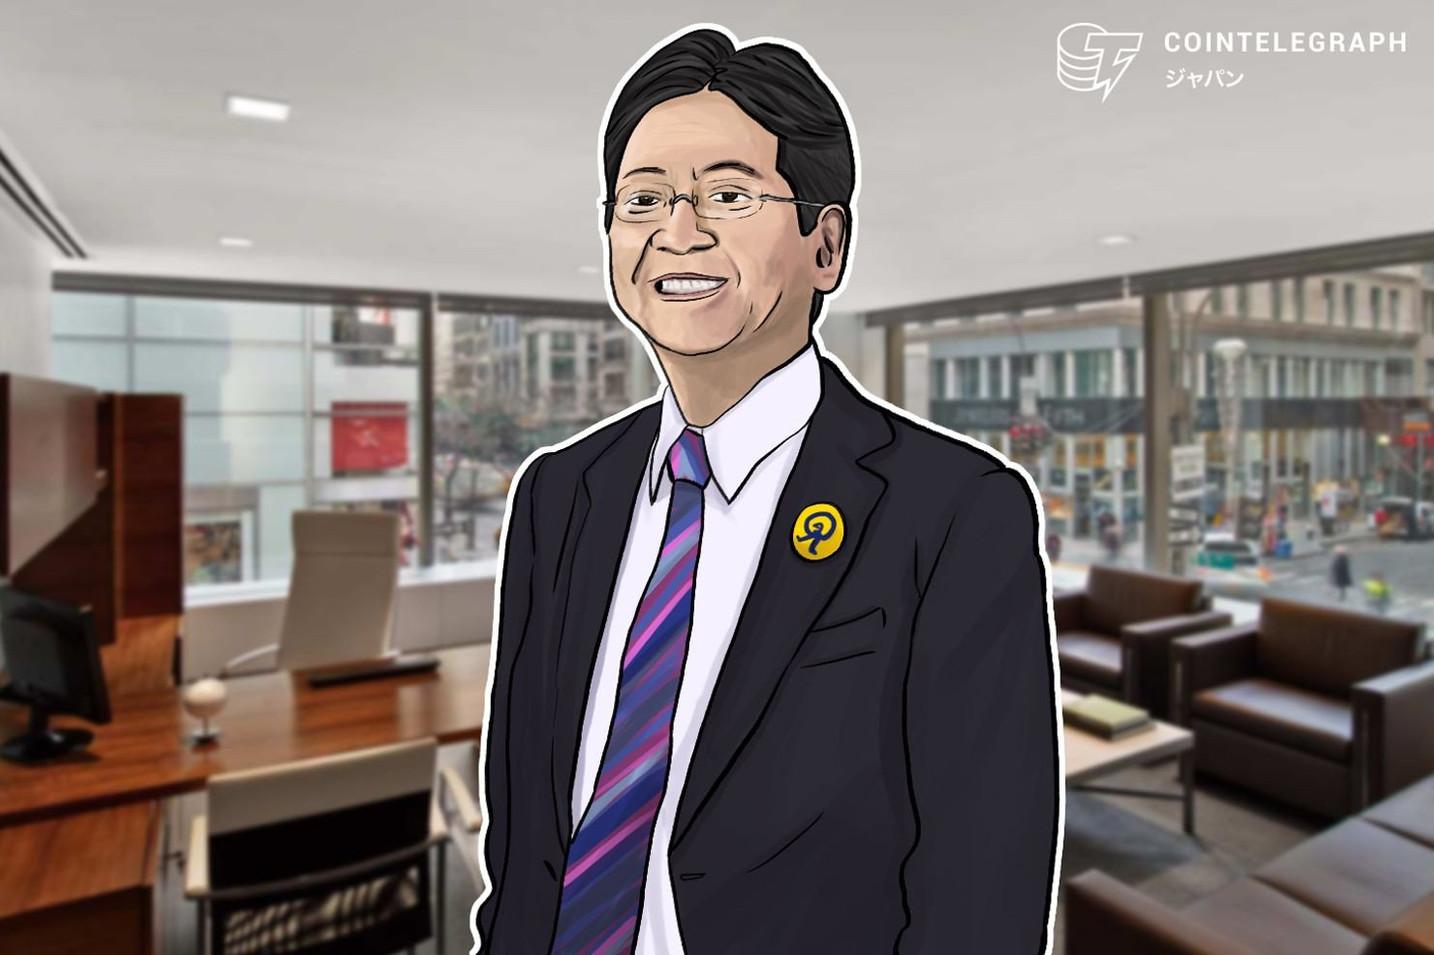 マネックス松本CEO、「機関投資家呼び込むために仮想通貨版グローバルインデックス必要」=ロングハッシュインタビュー